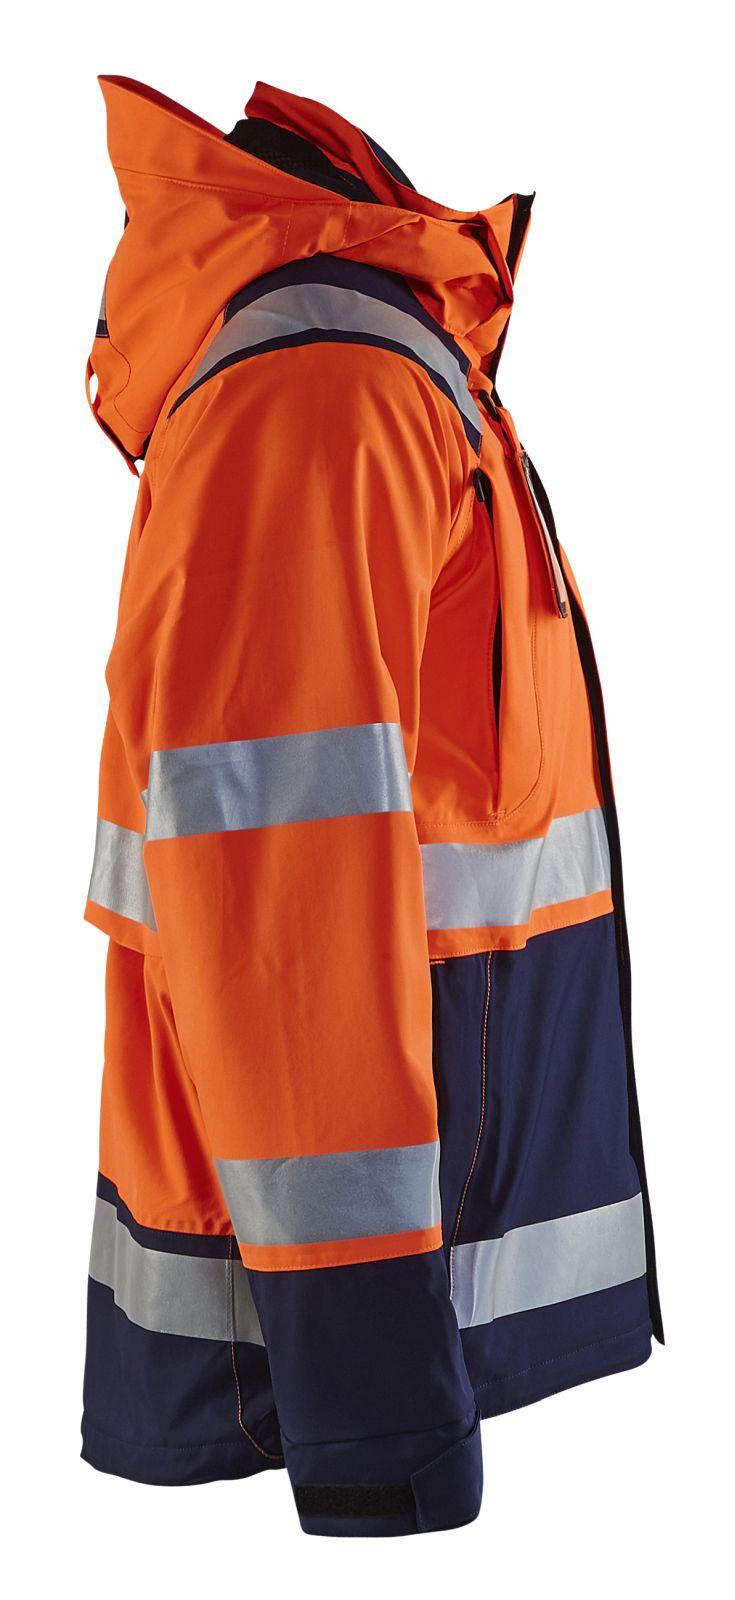 Blaklader Jassen 49871987 High Vis fluo oranje-marineblauw(5389)